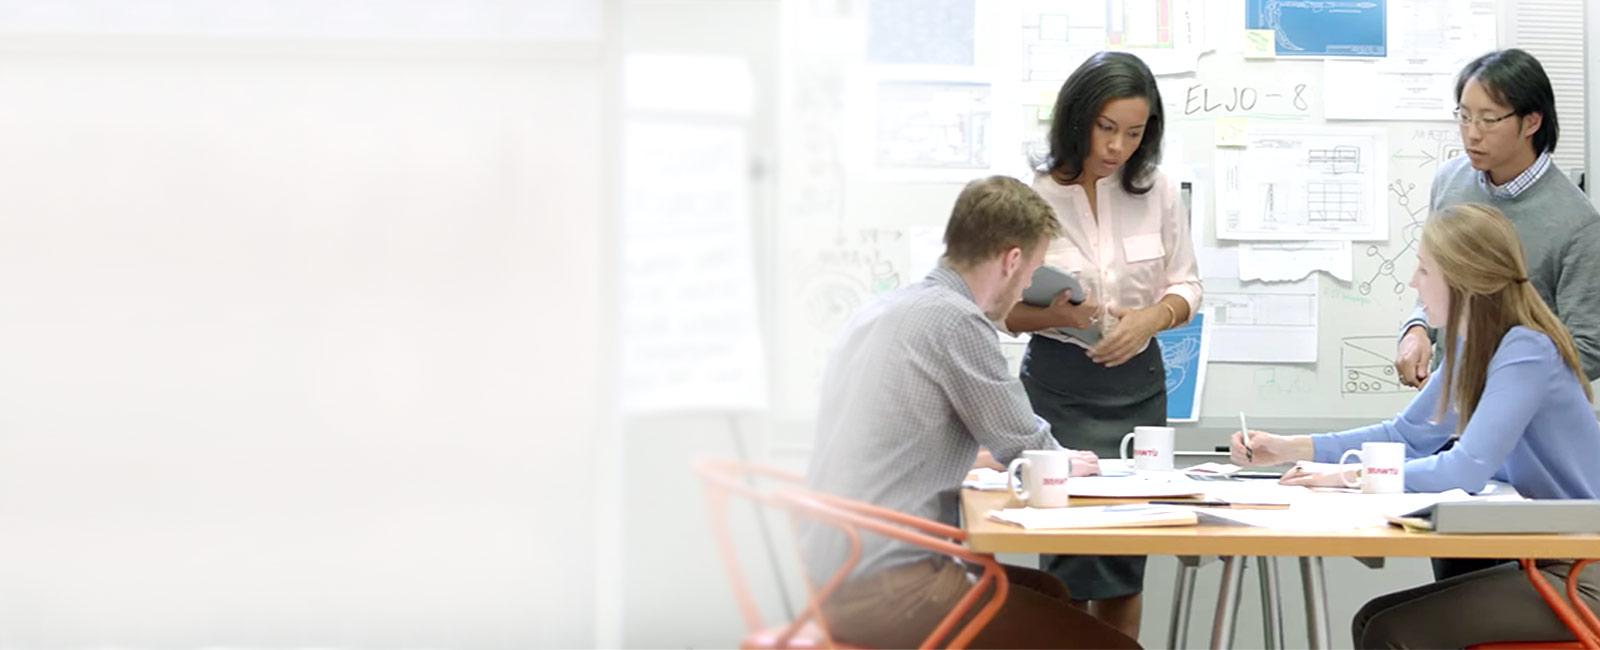 Două persoane stând în picioare și două așezate la o masă plină de documente, în fața unei table albe.